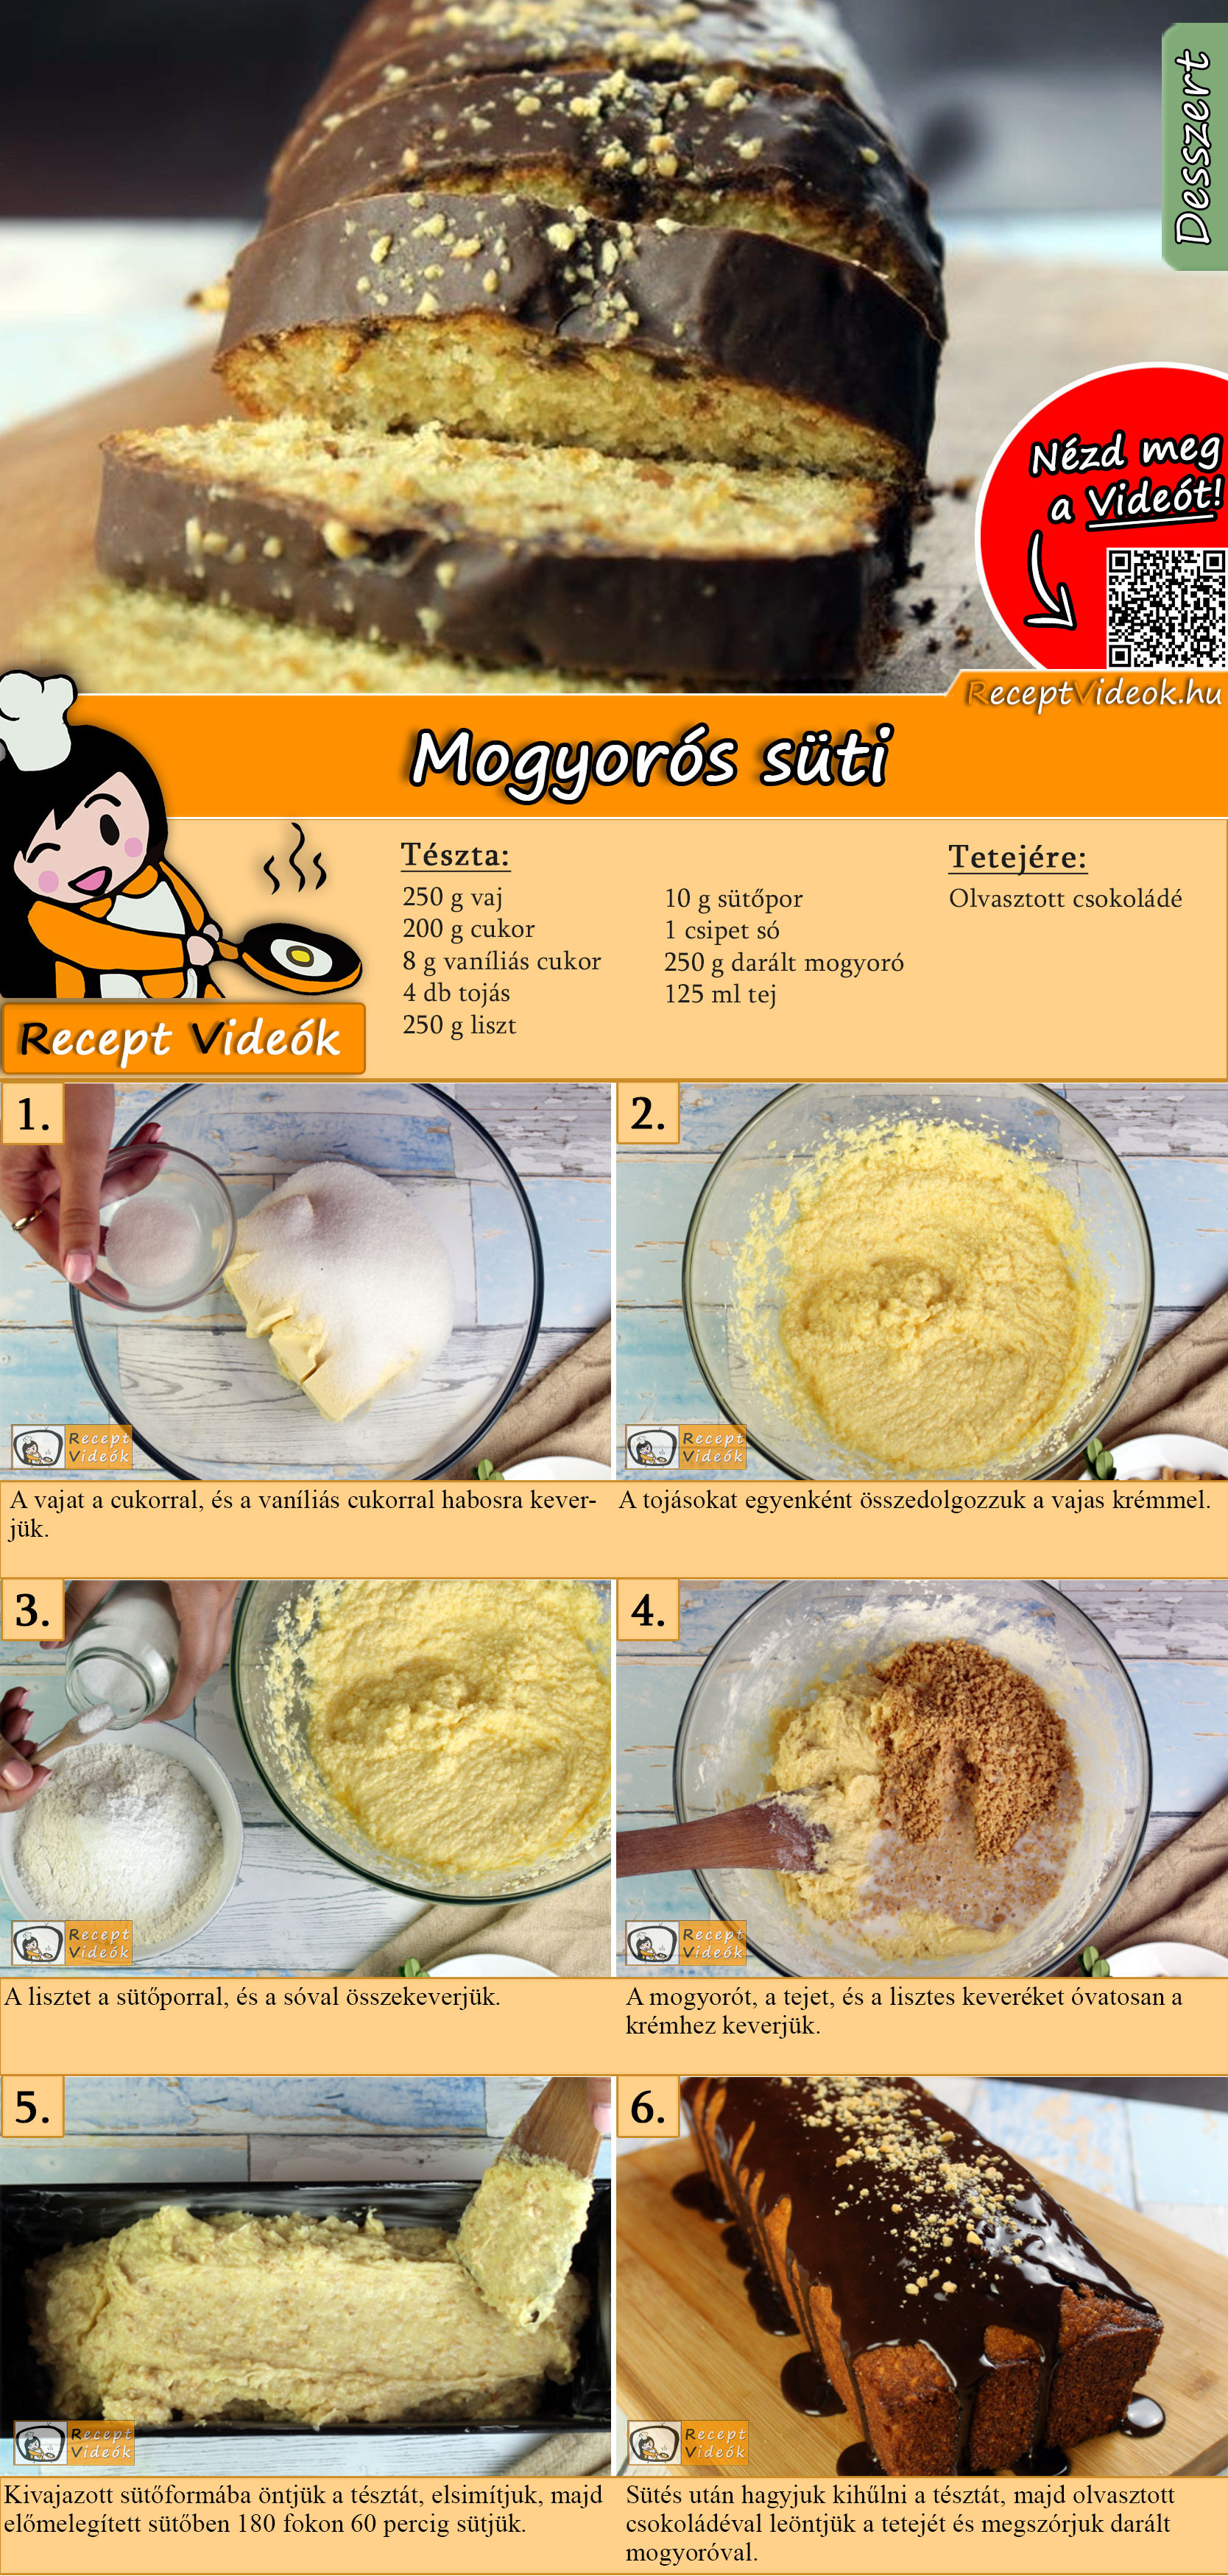 Mogyorós süti recept elkészítése videóval